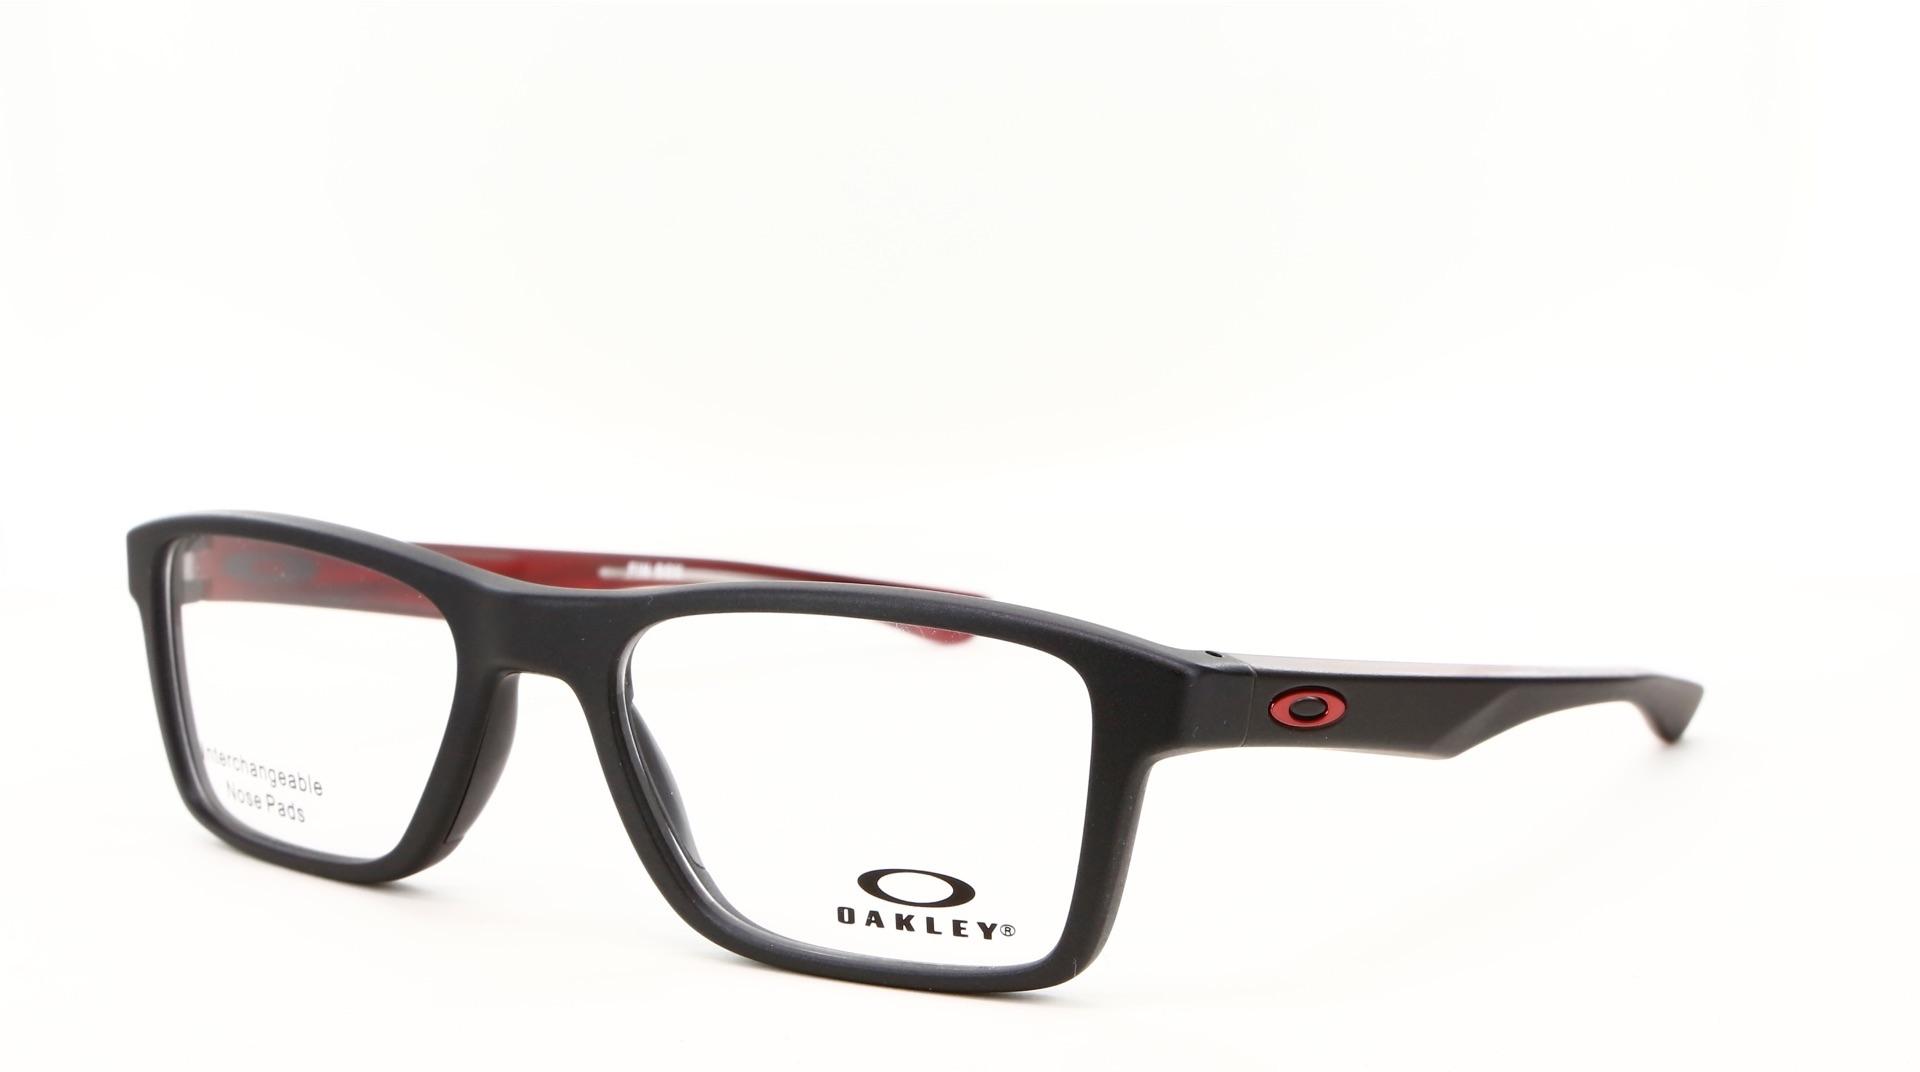 Oakley - ref: 77886